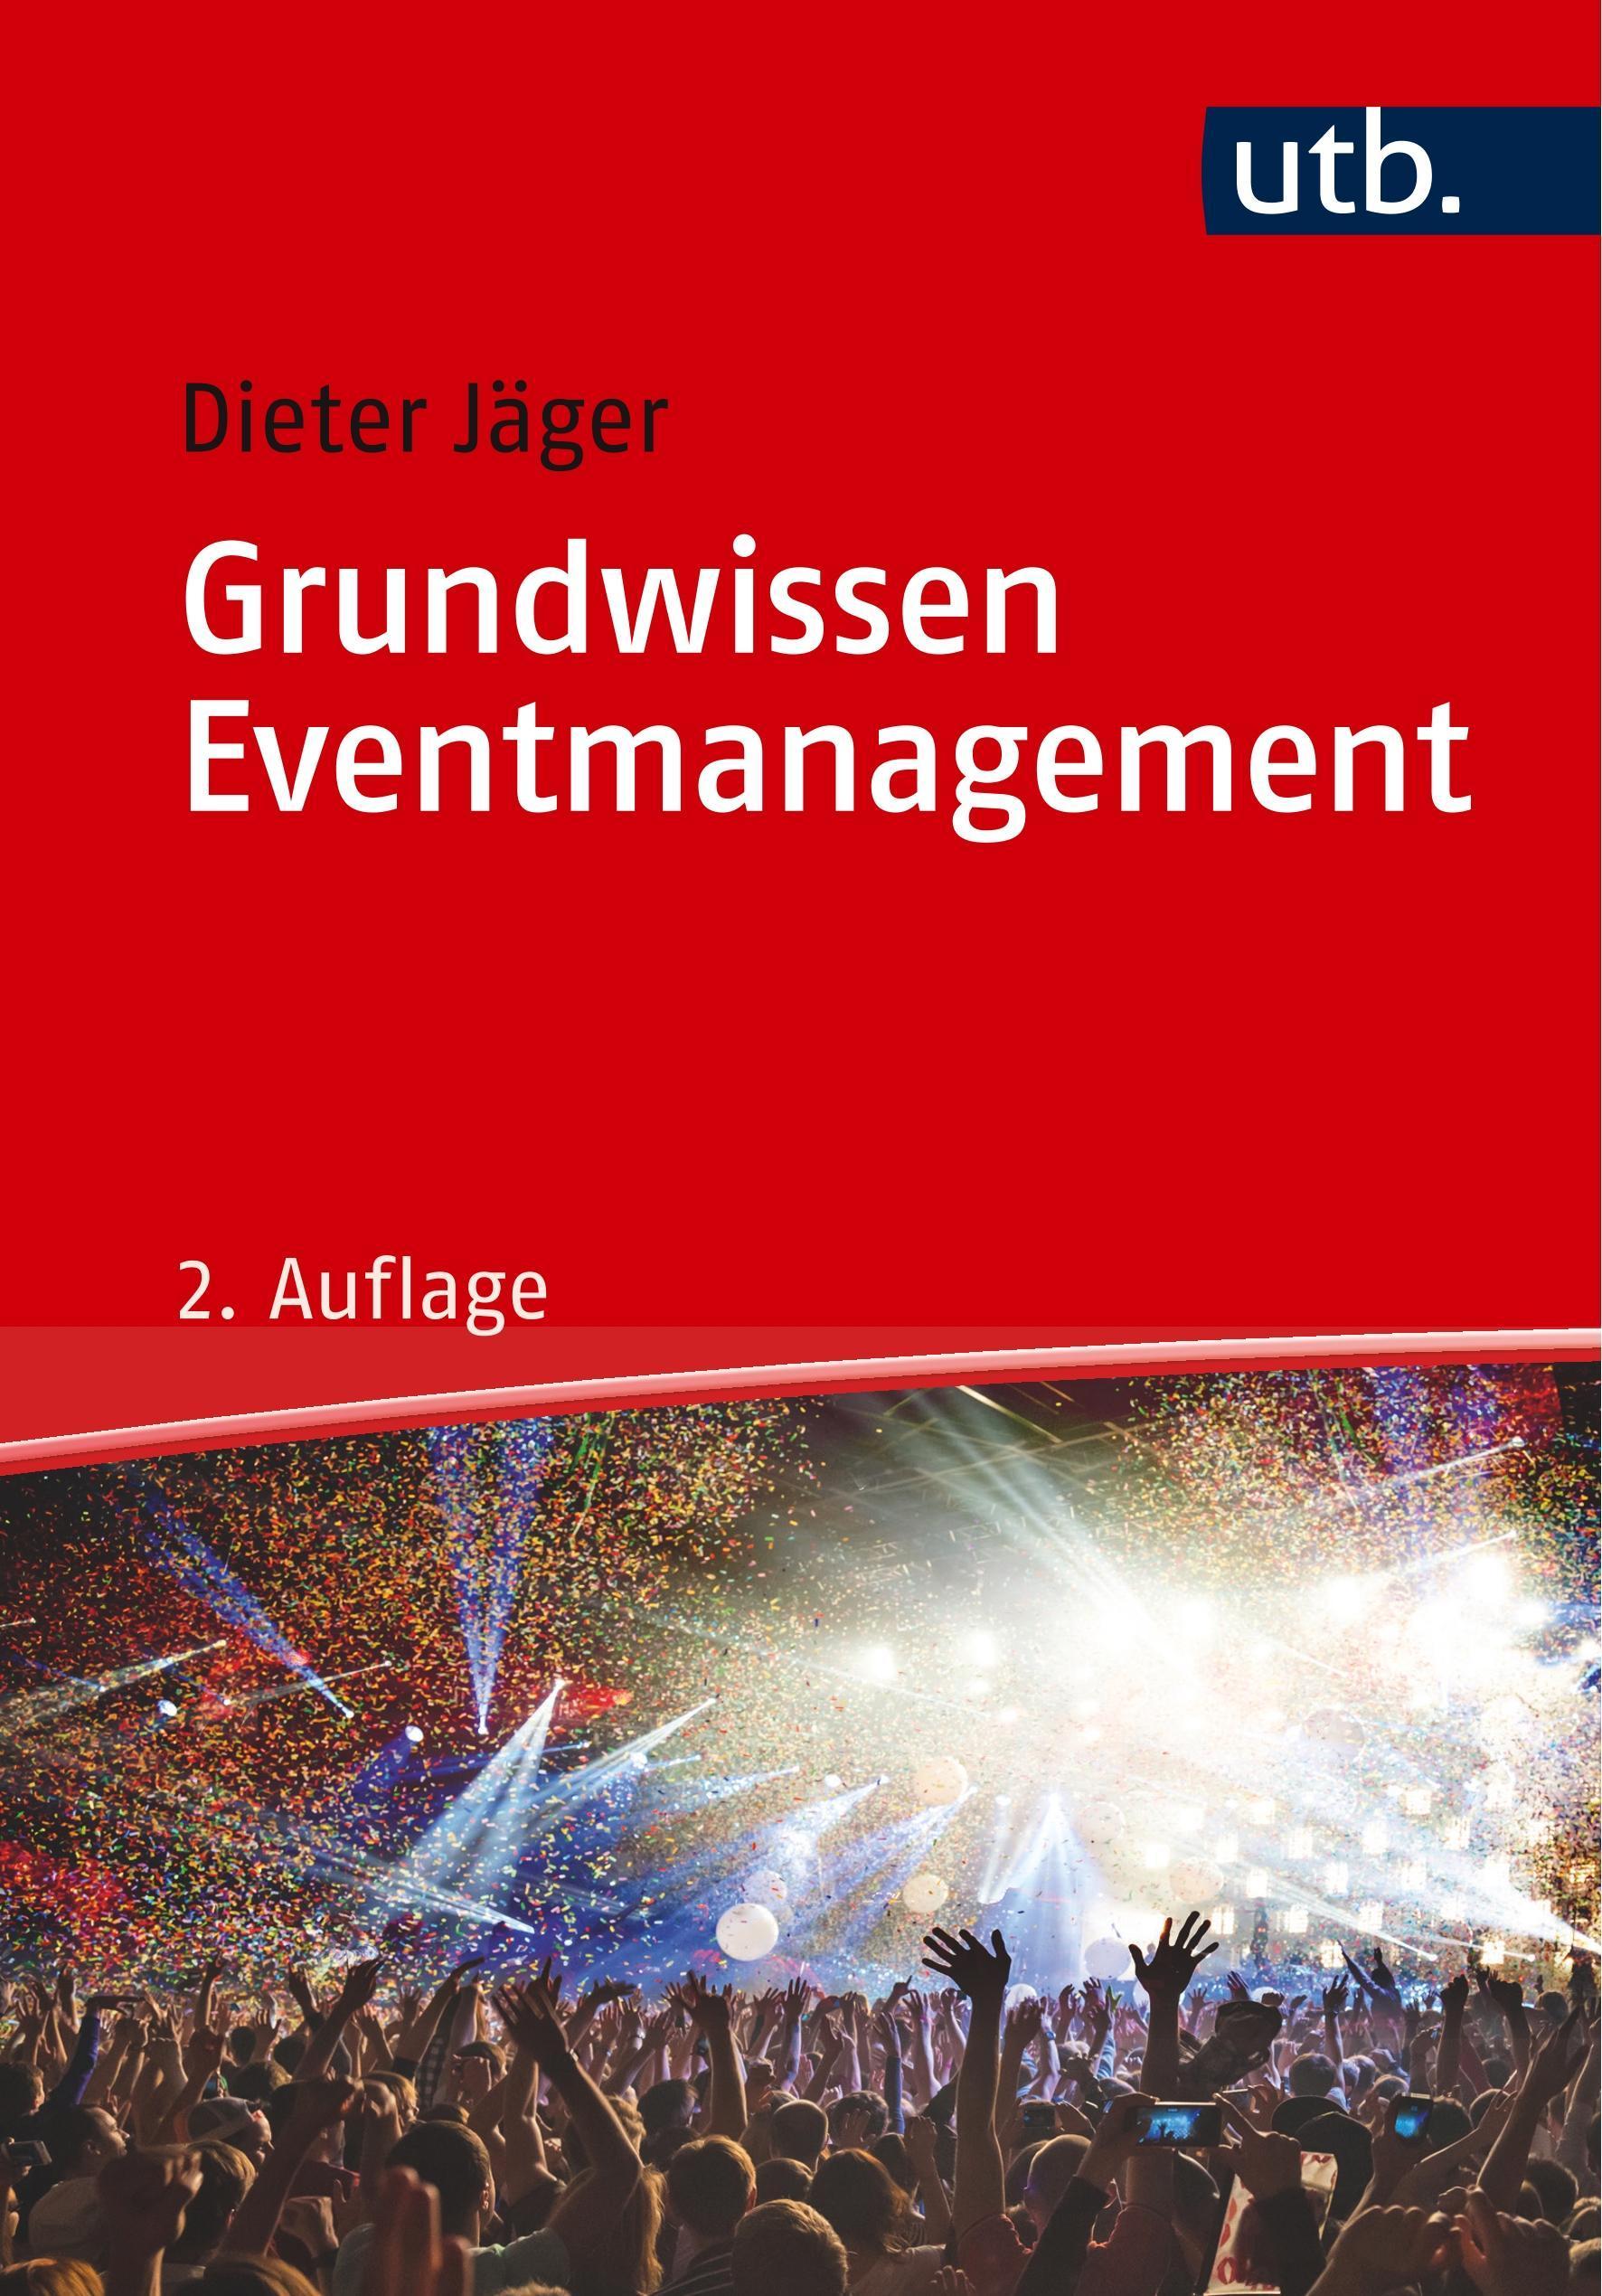 Dieter Jäger Grundwissen Eventmanagement